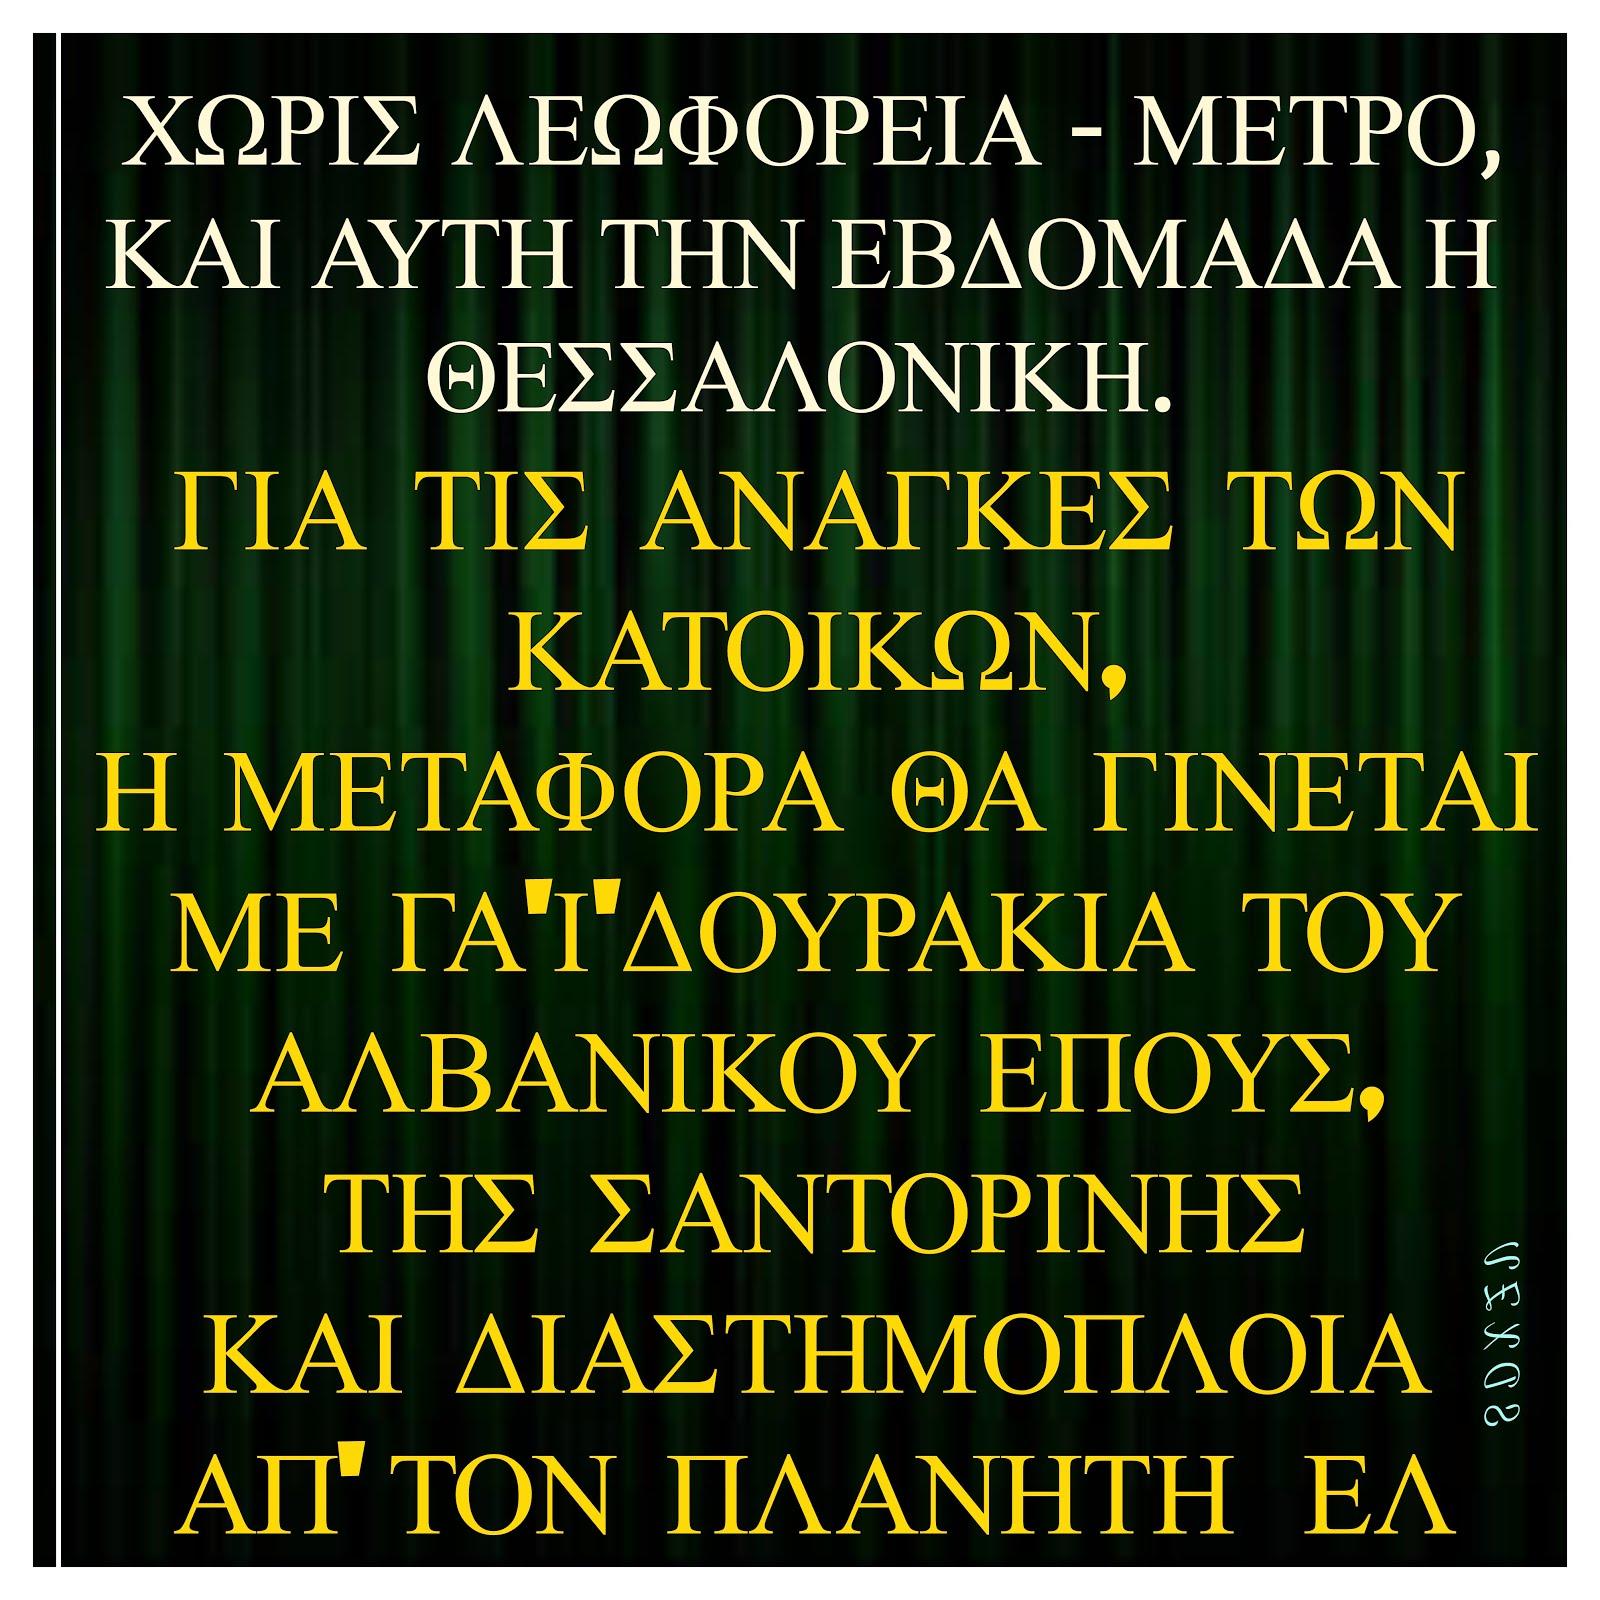 ΧΩΡΙΣ Μ.Μ.Μ. Η ΣΑΛΟΝΙΚΑ